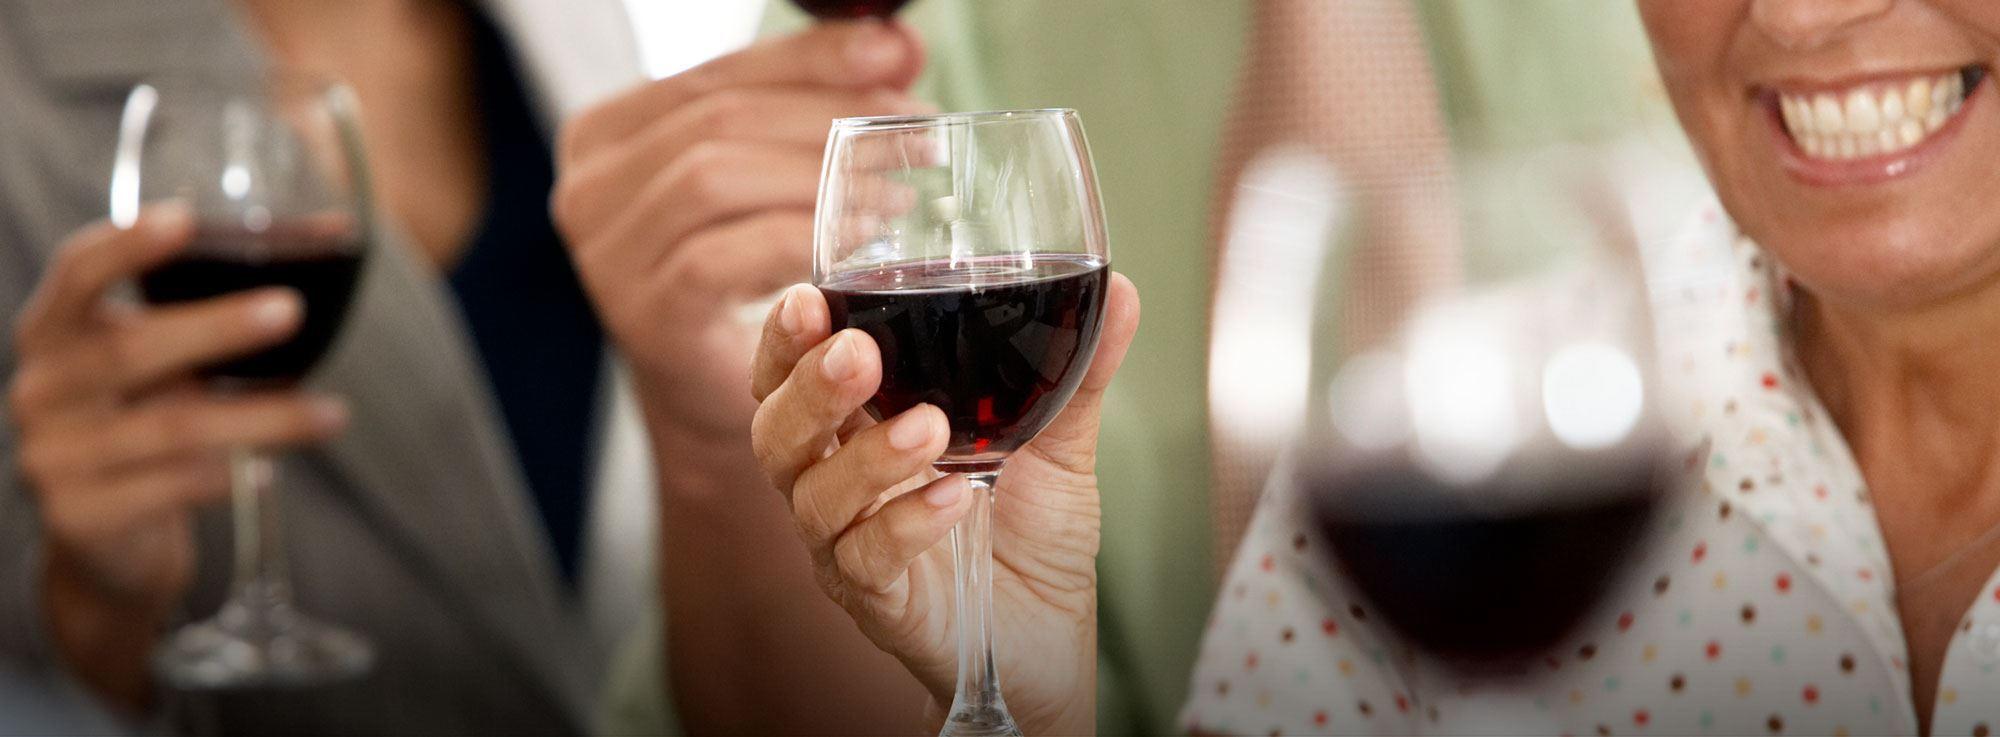 Ostuni, Copertino, Manduria, Lucera: Festa Nazionale delle Donne del Vino